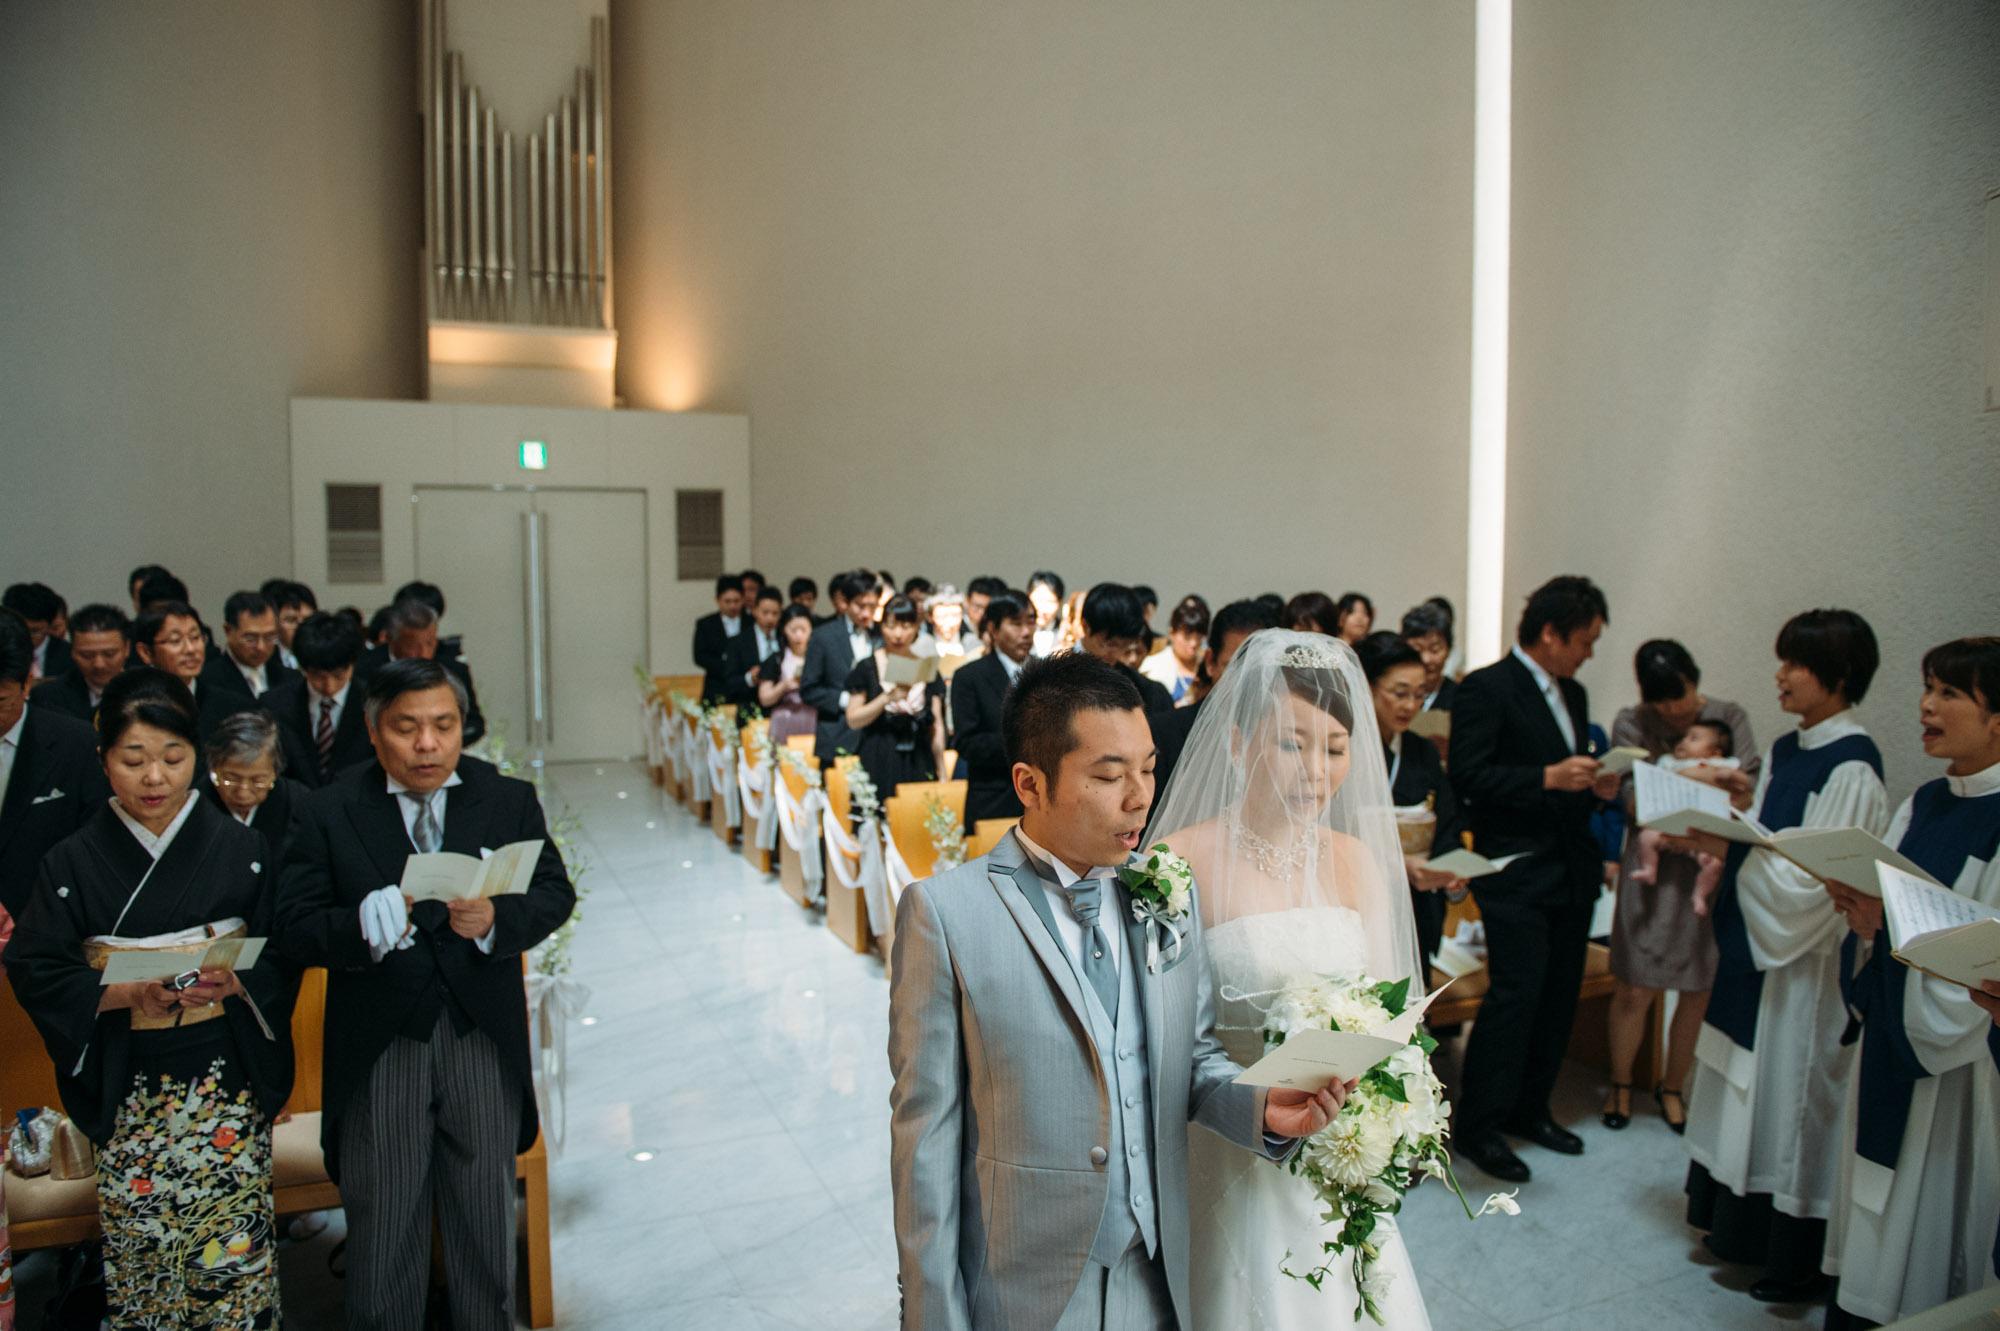 hilton wedding25